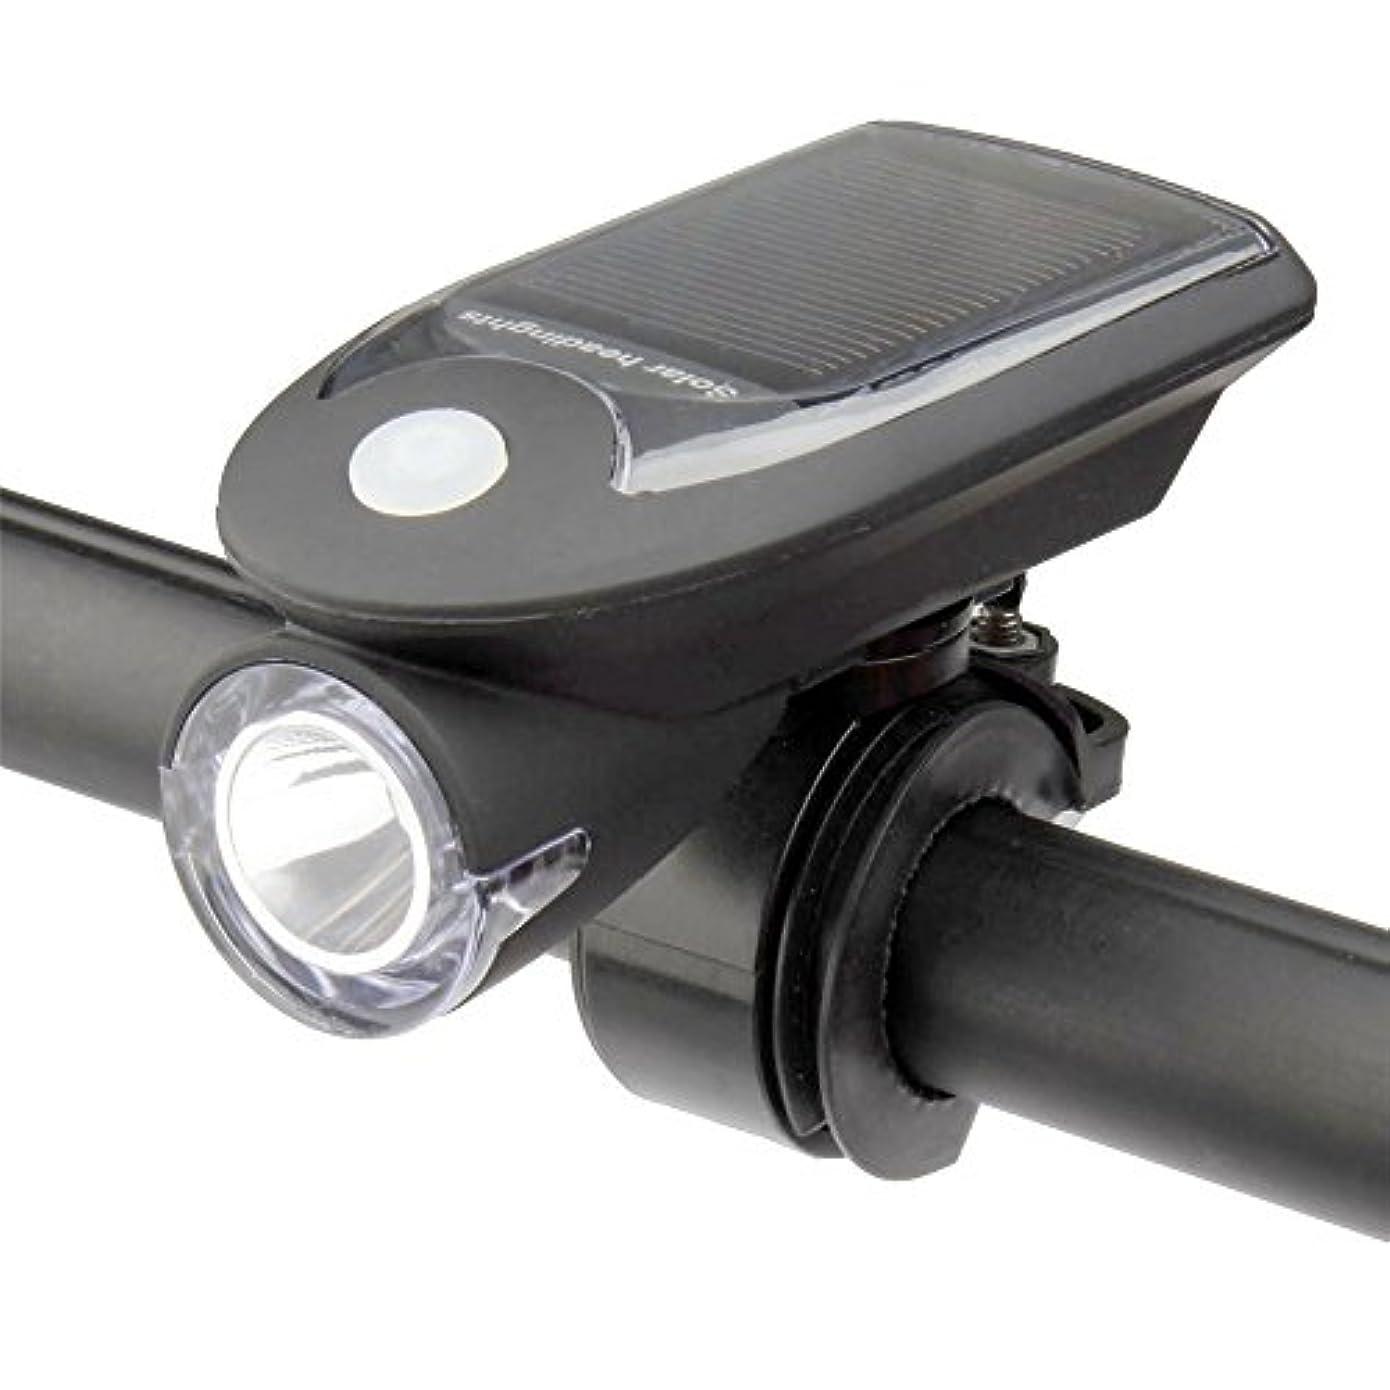 季節ぺディカブ充電式自転車ライト 自転車用ライトUSB充電式自転車用フロントライト、夜釣り、キャンプ、サイクリング、夜間の家族の使用/子供の活動に最適